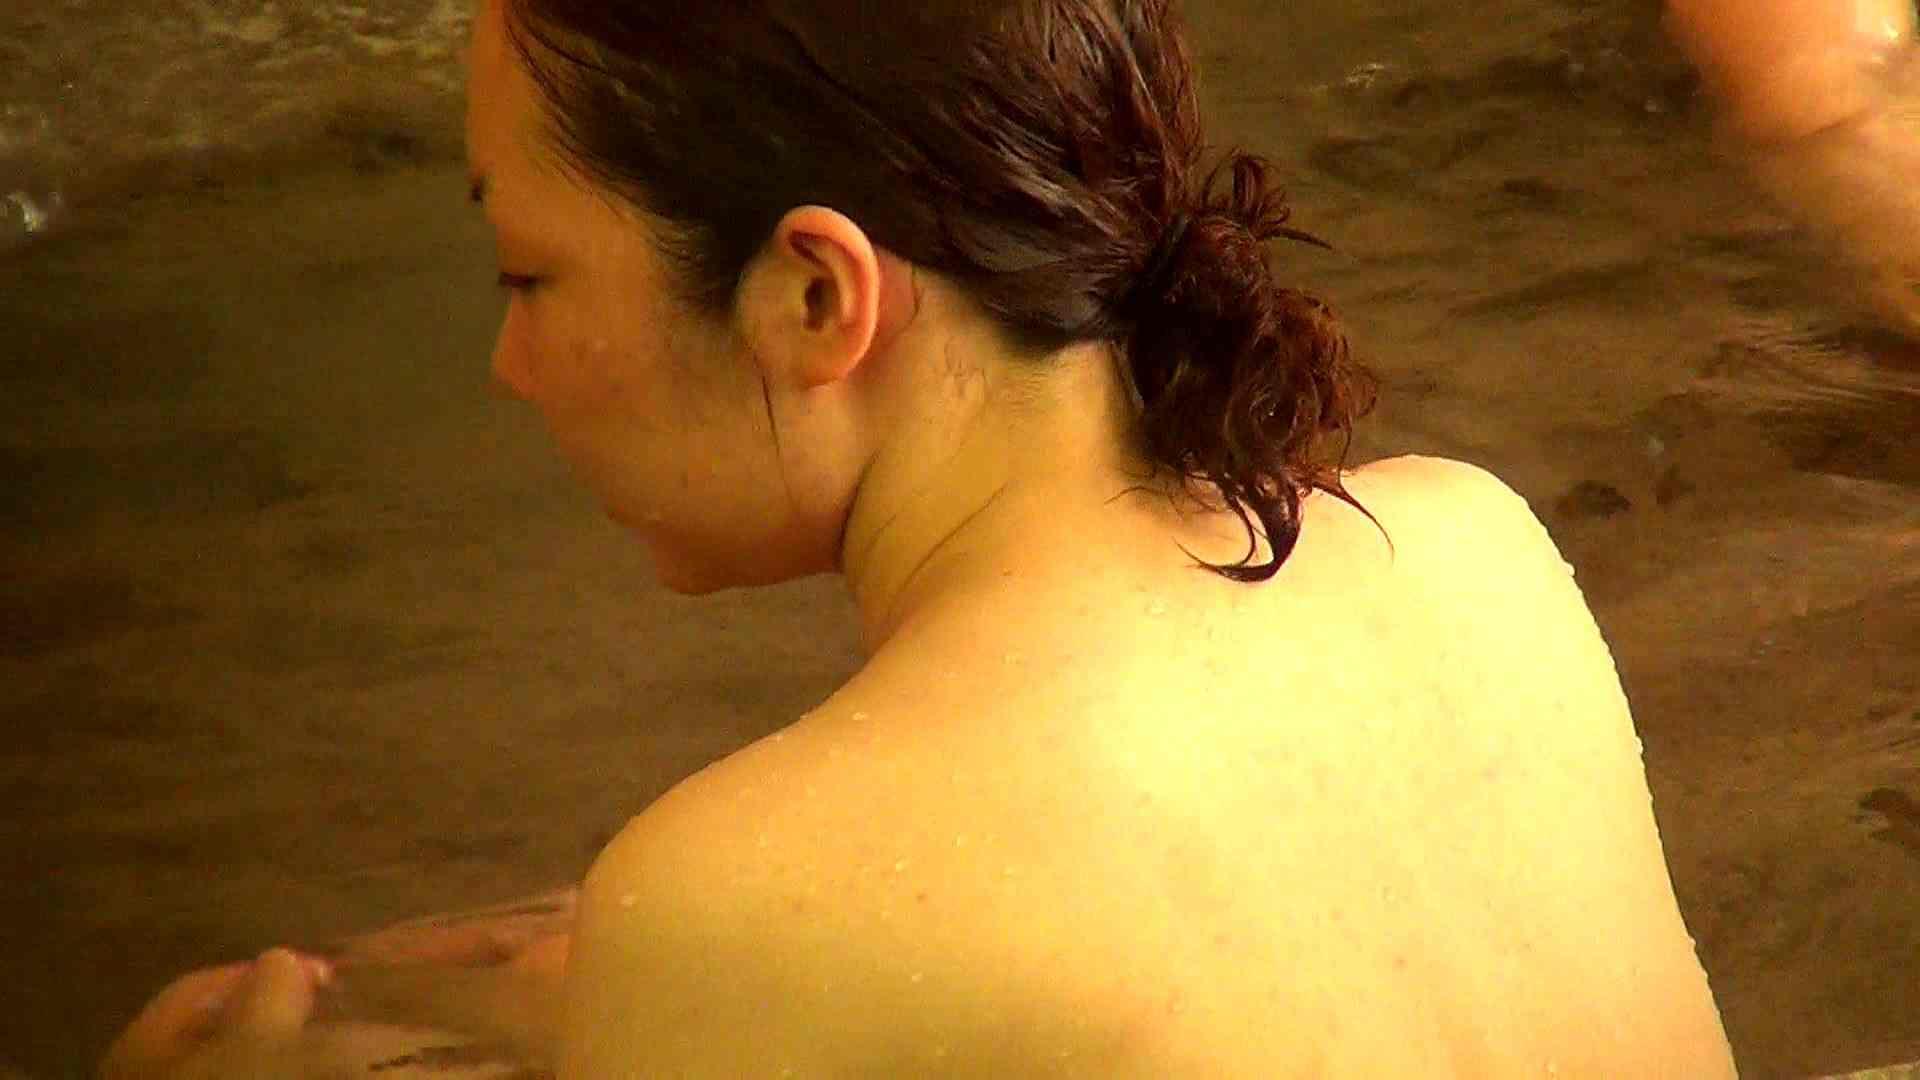 Aquaな露天風呂Vol.268 OLハメ撮り  46Pix 39